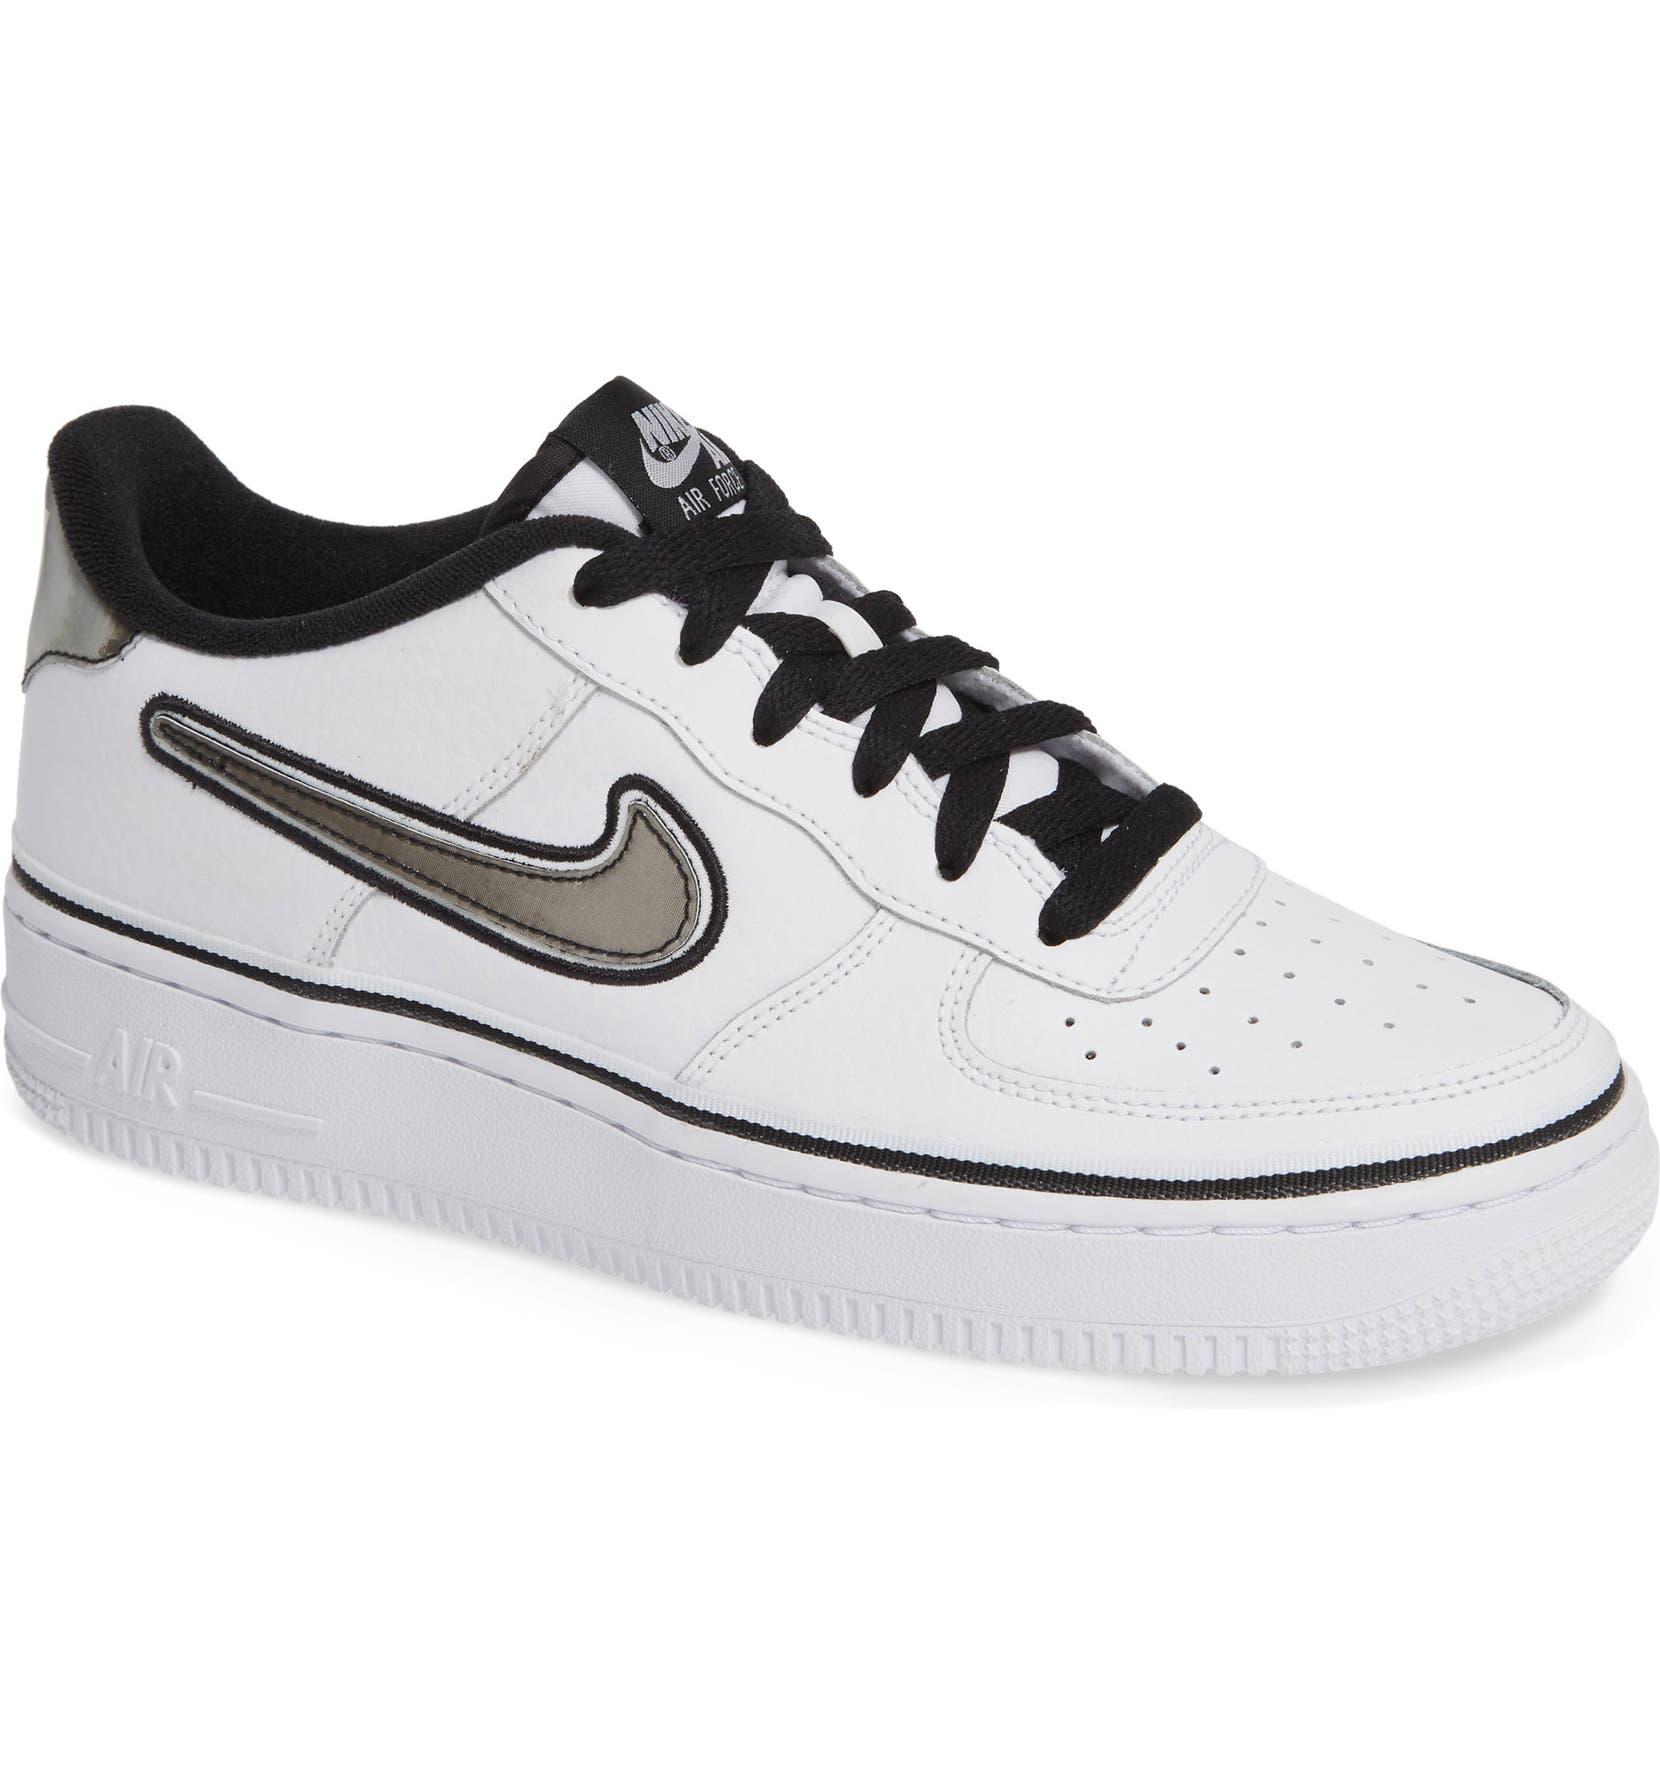 Nike Air Force 1 LV8 2 Older Kids' Shoe. Nike ID